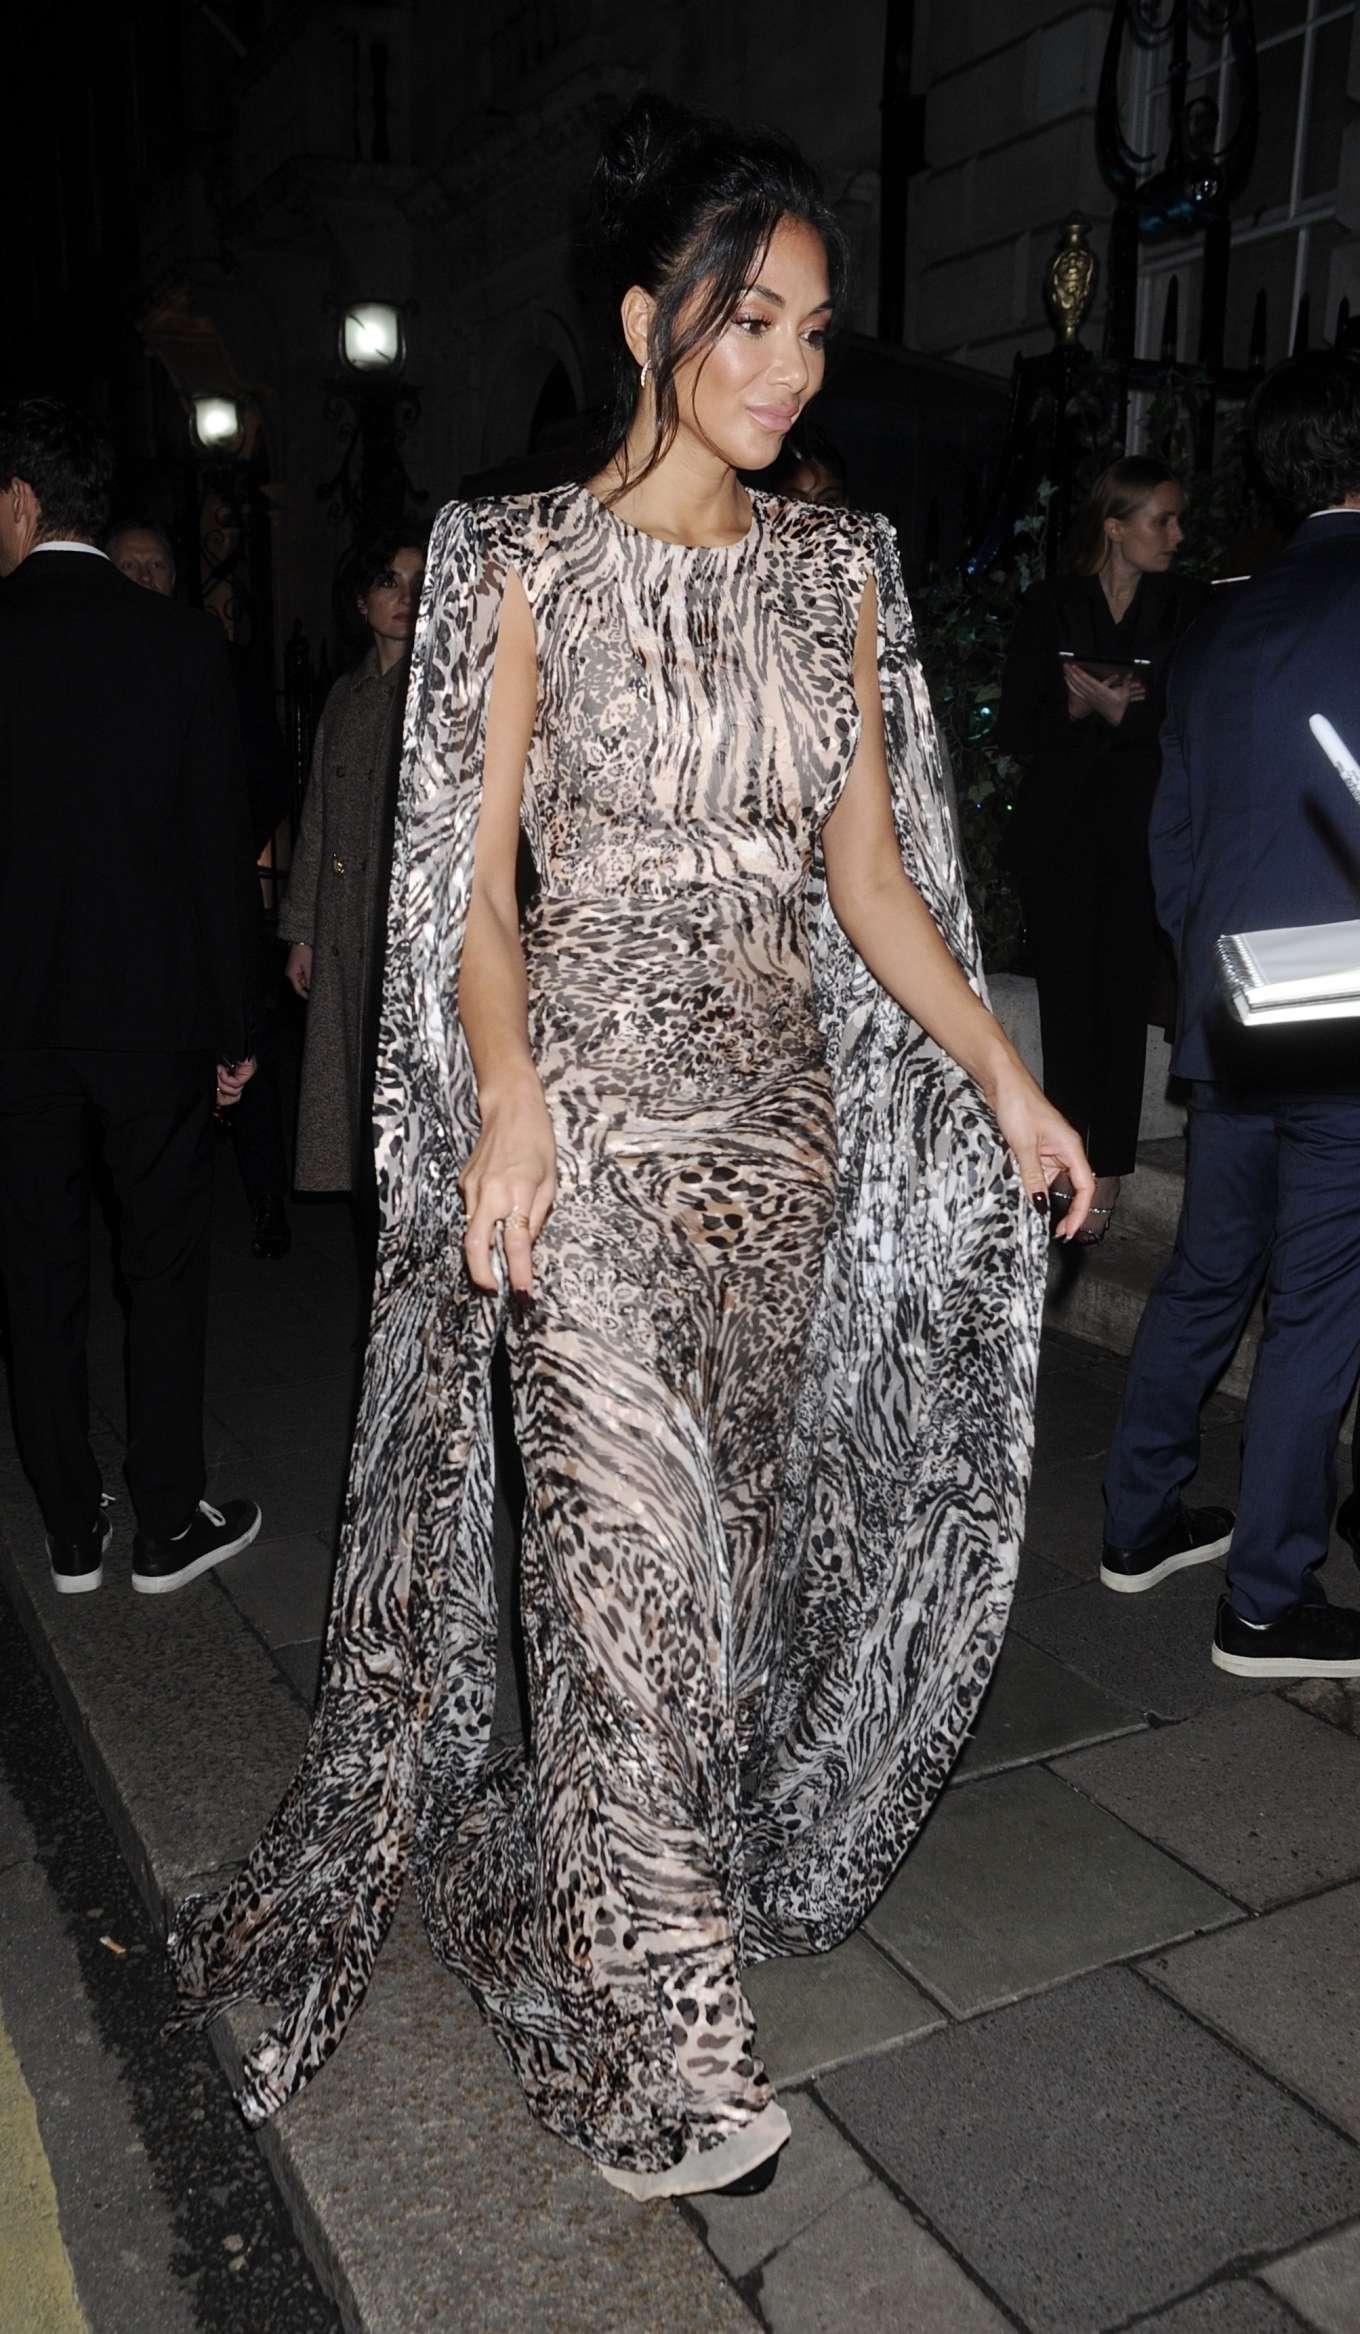 Nicole Scherzinger 2020 : Nicole Scherzinger – Arrives at British Vogues Fashion and Film Party 2020-07